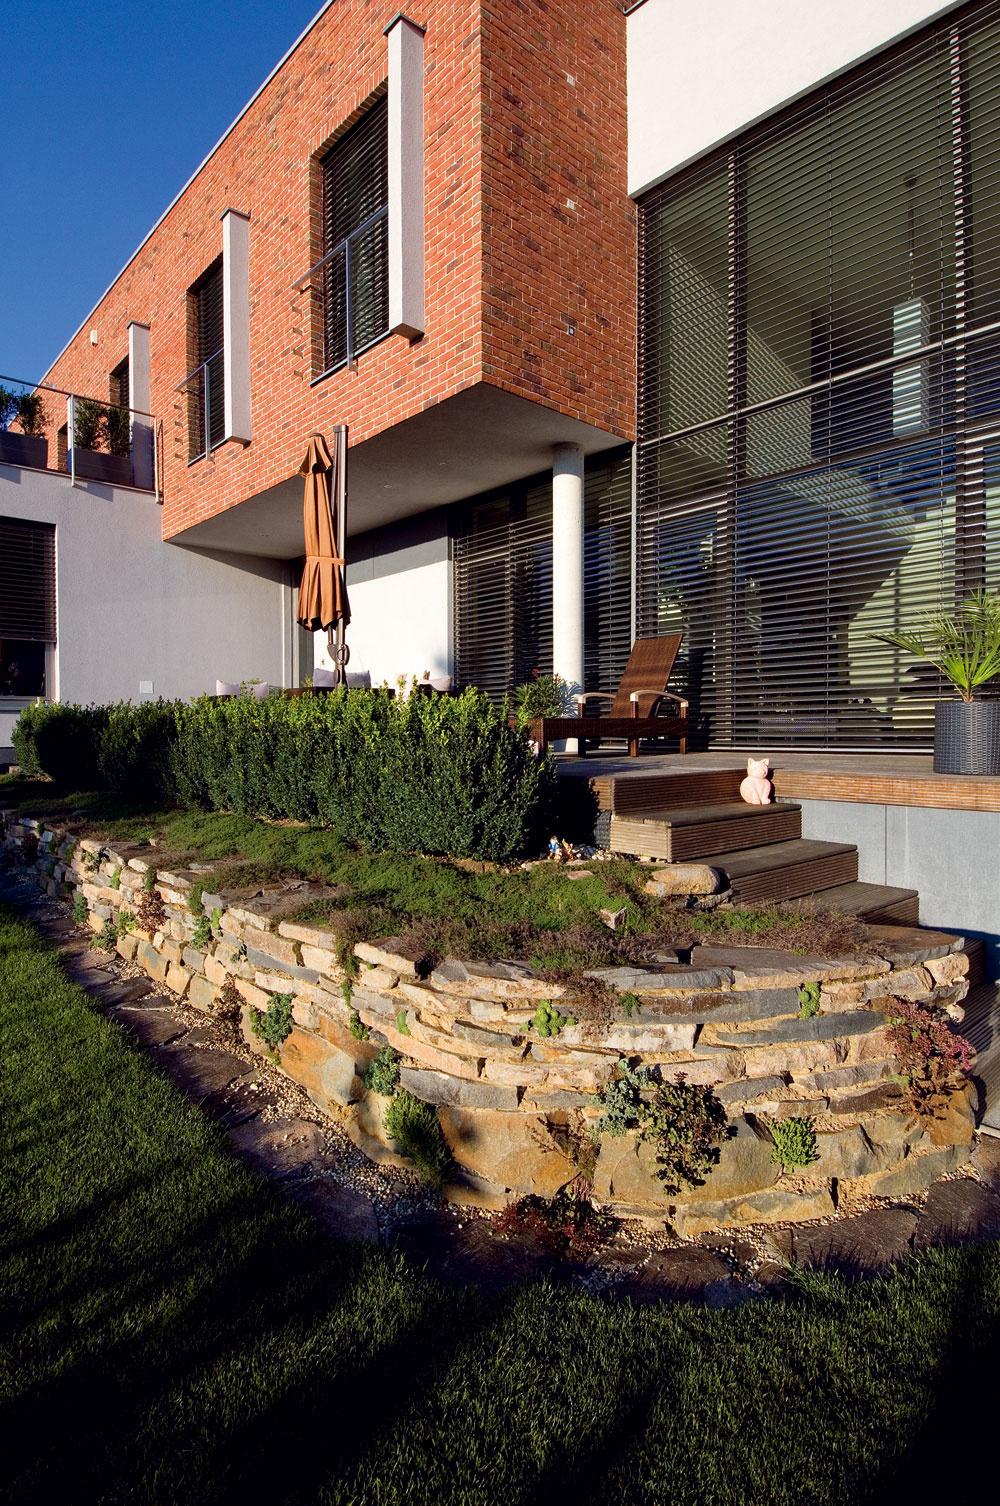 """Dom je citlivo osadený vteréne anapriek potrebným úpravám pozemku aj formou oporných múrov nepôsobí rušivo. """"Pozemok nám veľkosťou úplne vyhovuje, máme kúsok vlastnej zelene, ale nie sme otrokmi záhrady,"""" zhodujú sa majitelia. Ozáhradu navrhnutú architektom sa celoročne stará domáca pani azáhradnícka firma napráva škody spôsobené zimou."""